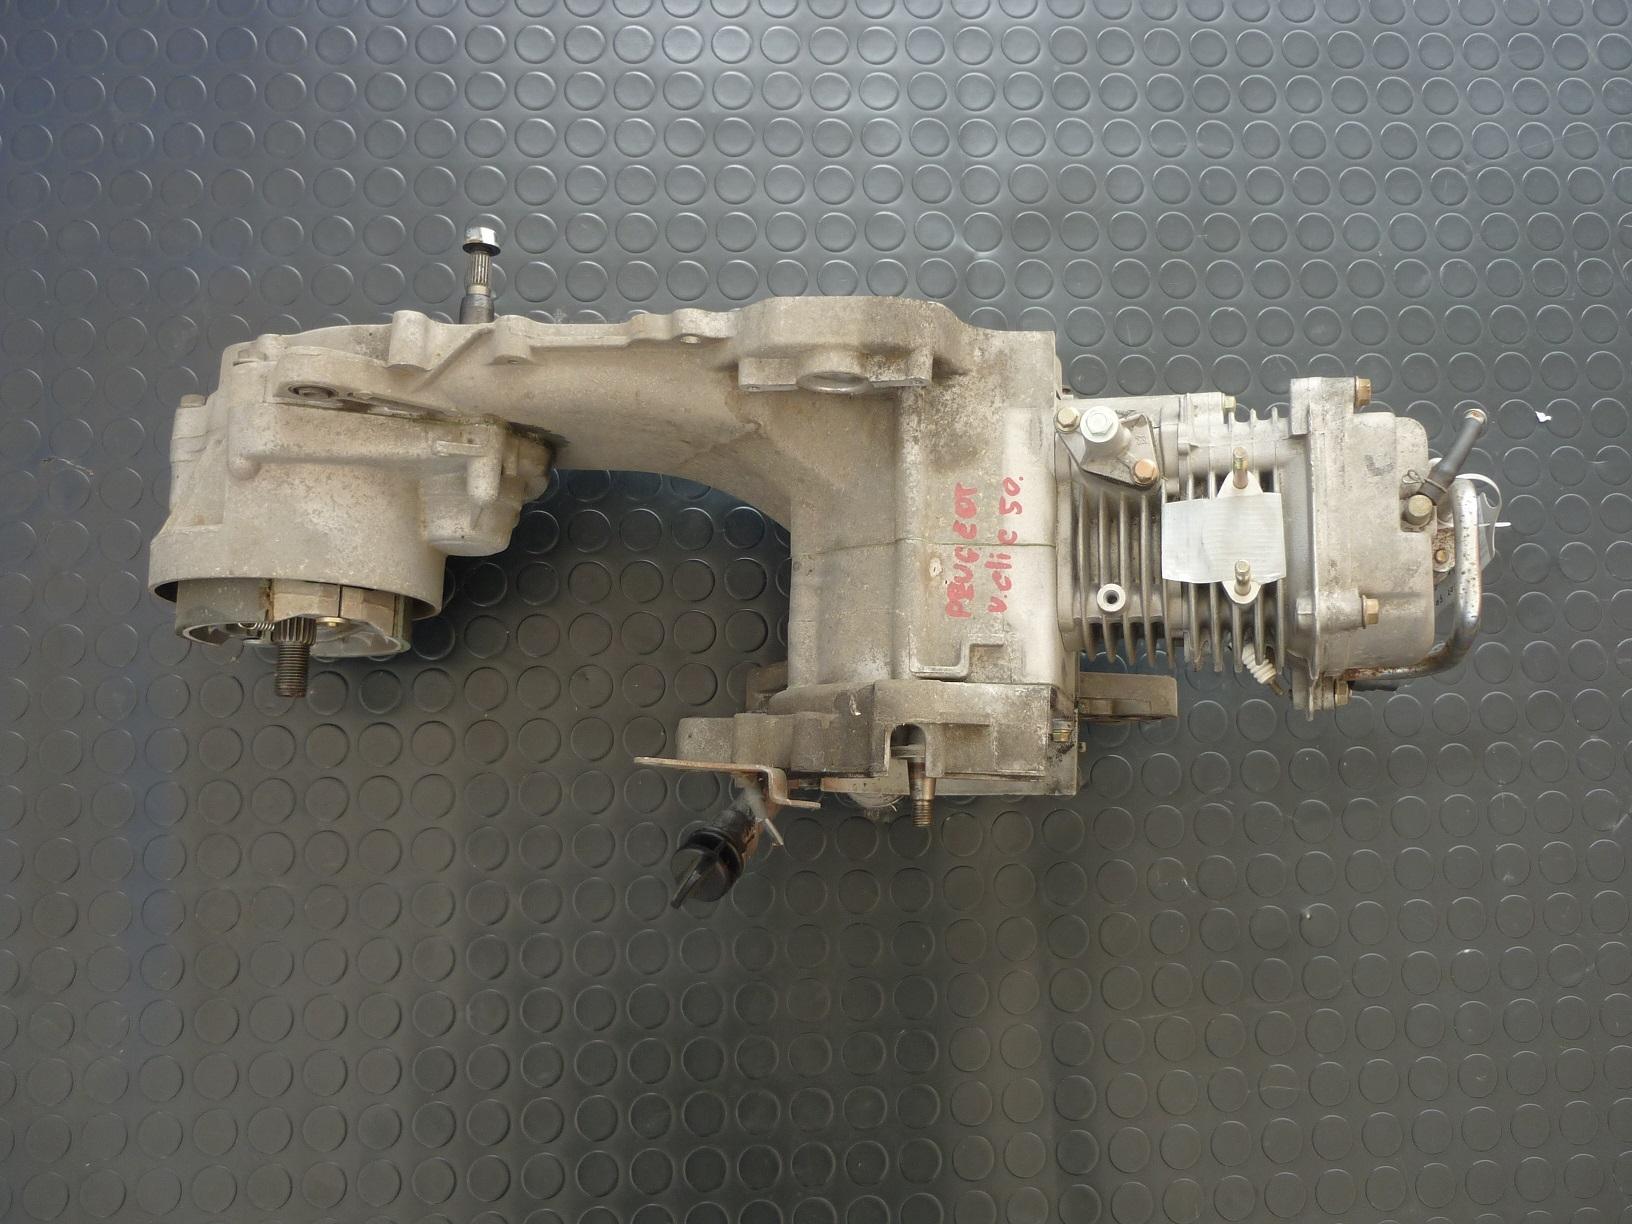 MOTORE USATO SCOOTER PEUGEOT V-CLIC 4T 50 ANNO 2010